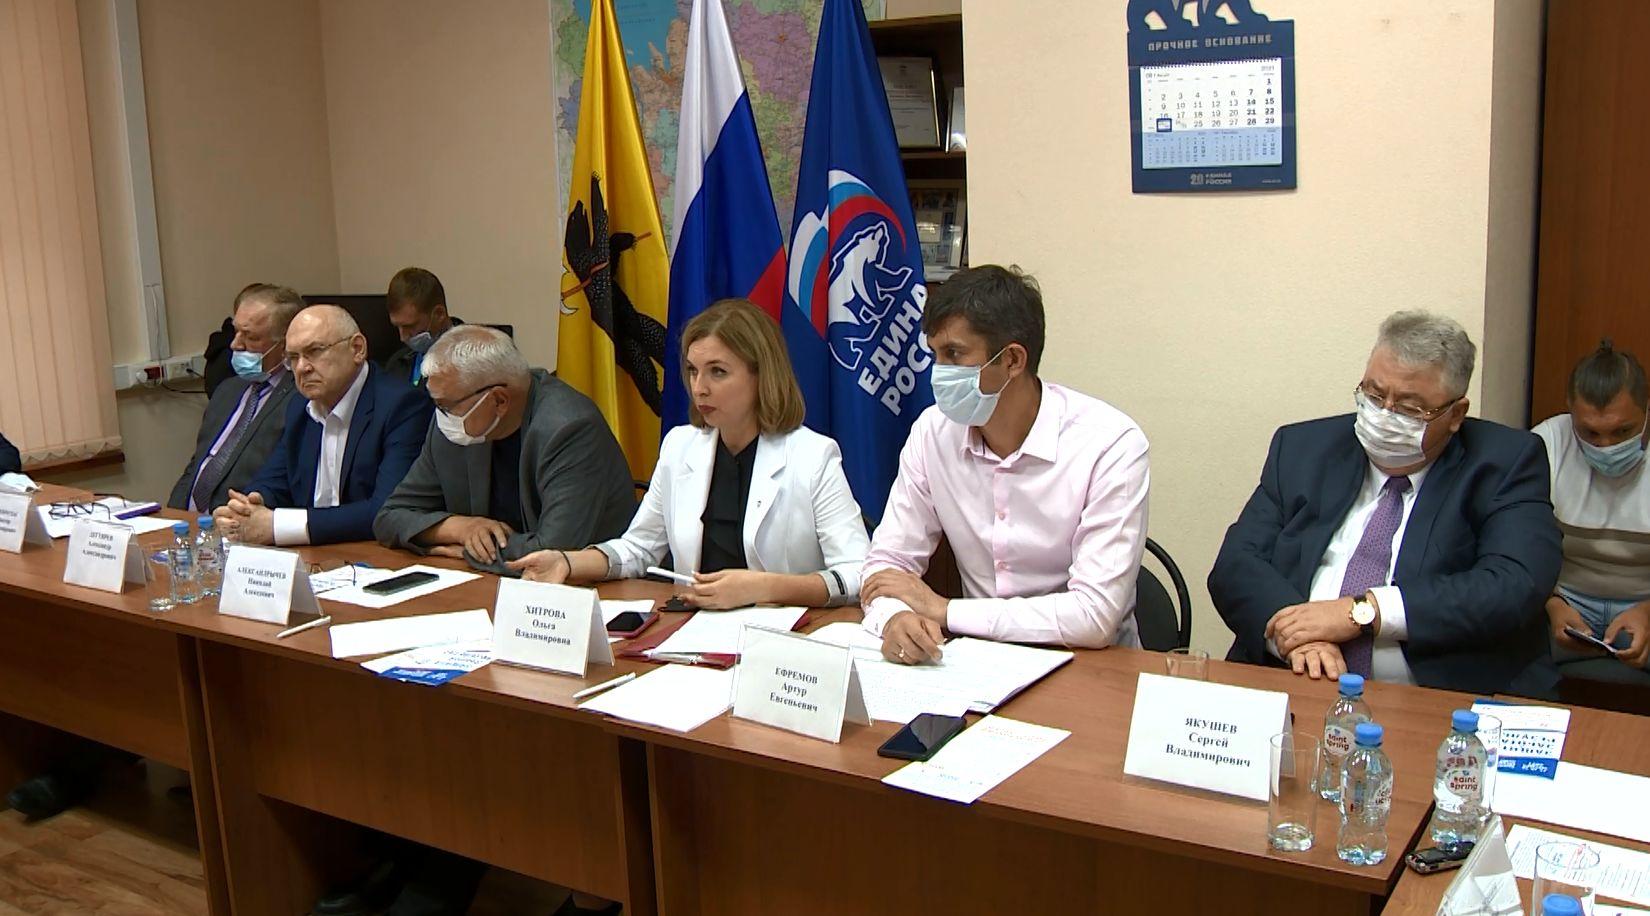 Ярославцы обратились к представителям законодательной власти с просьбой решить проблемы транспортной реформы